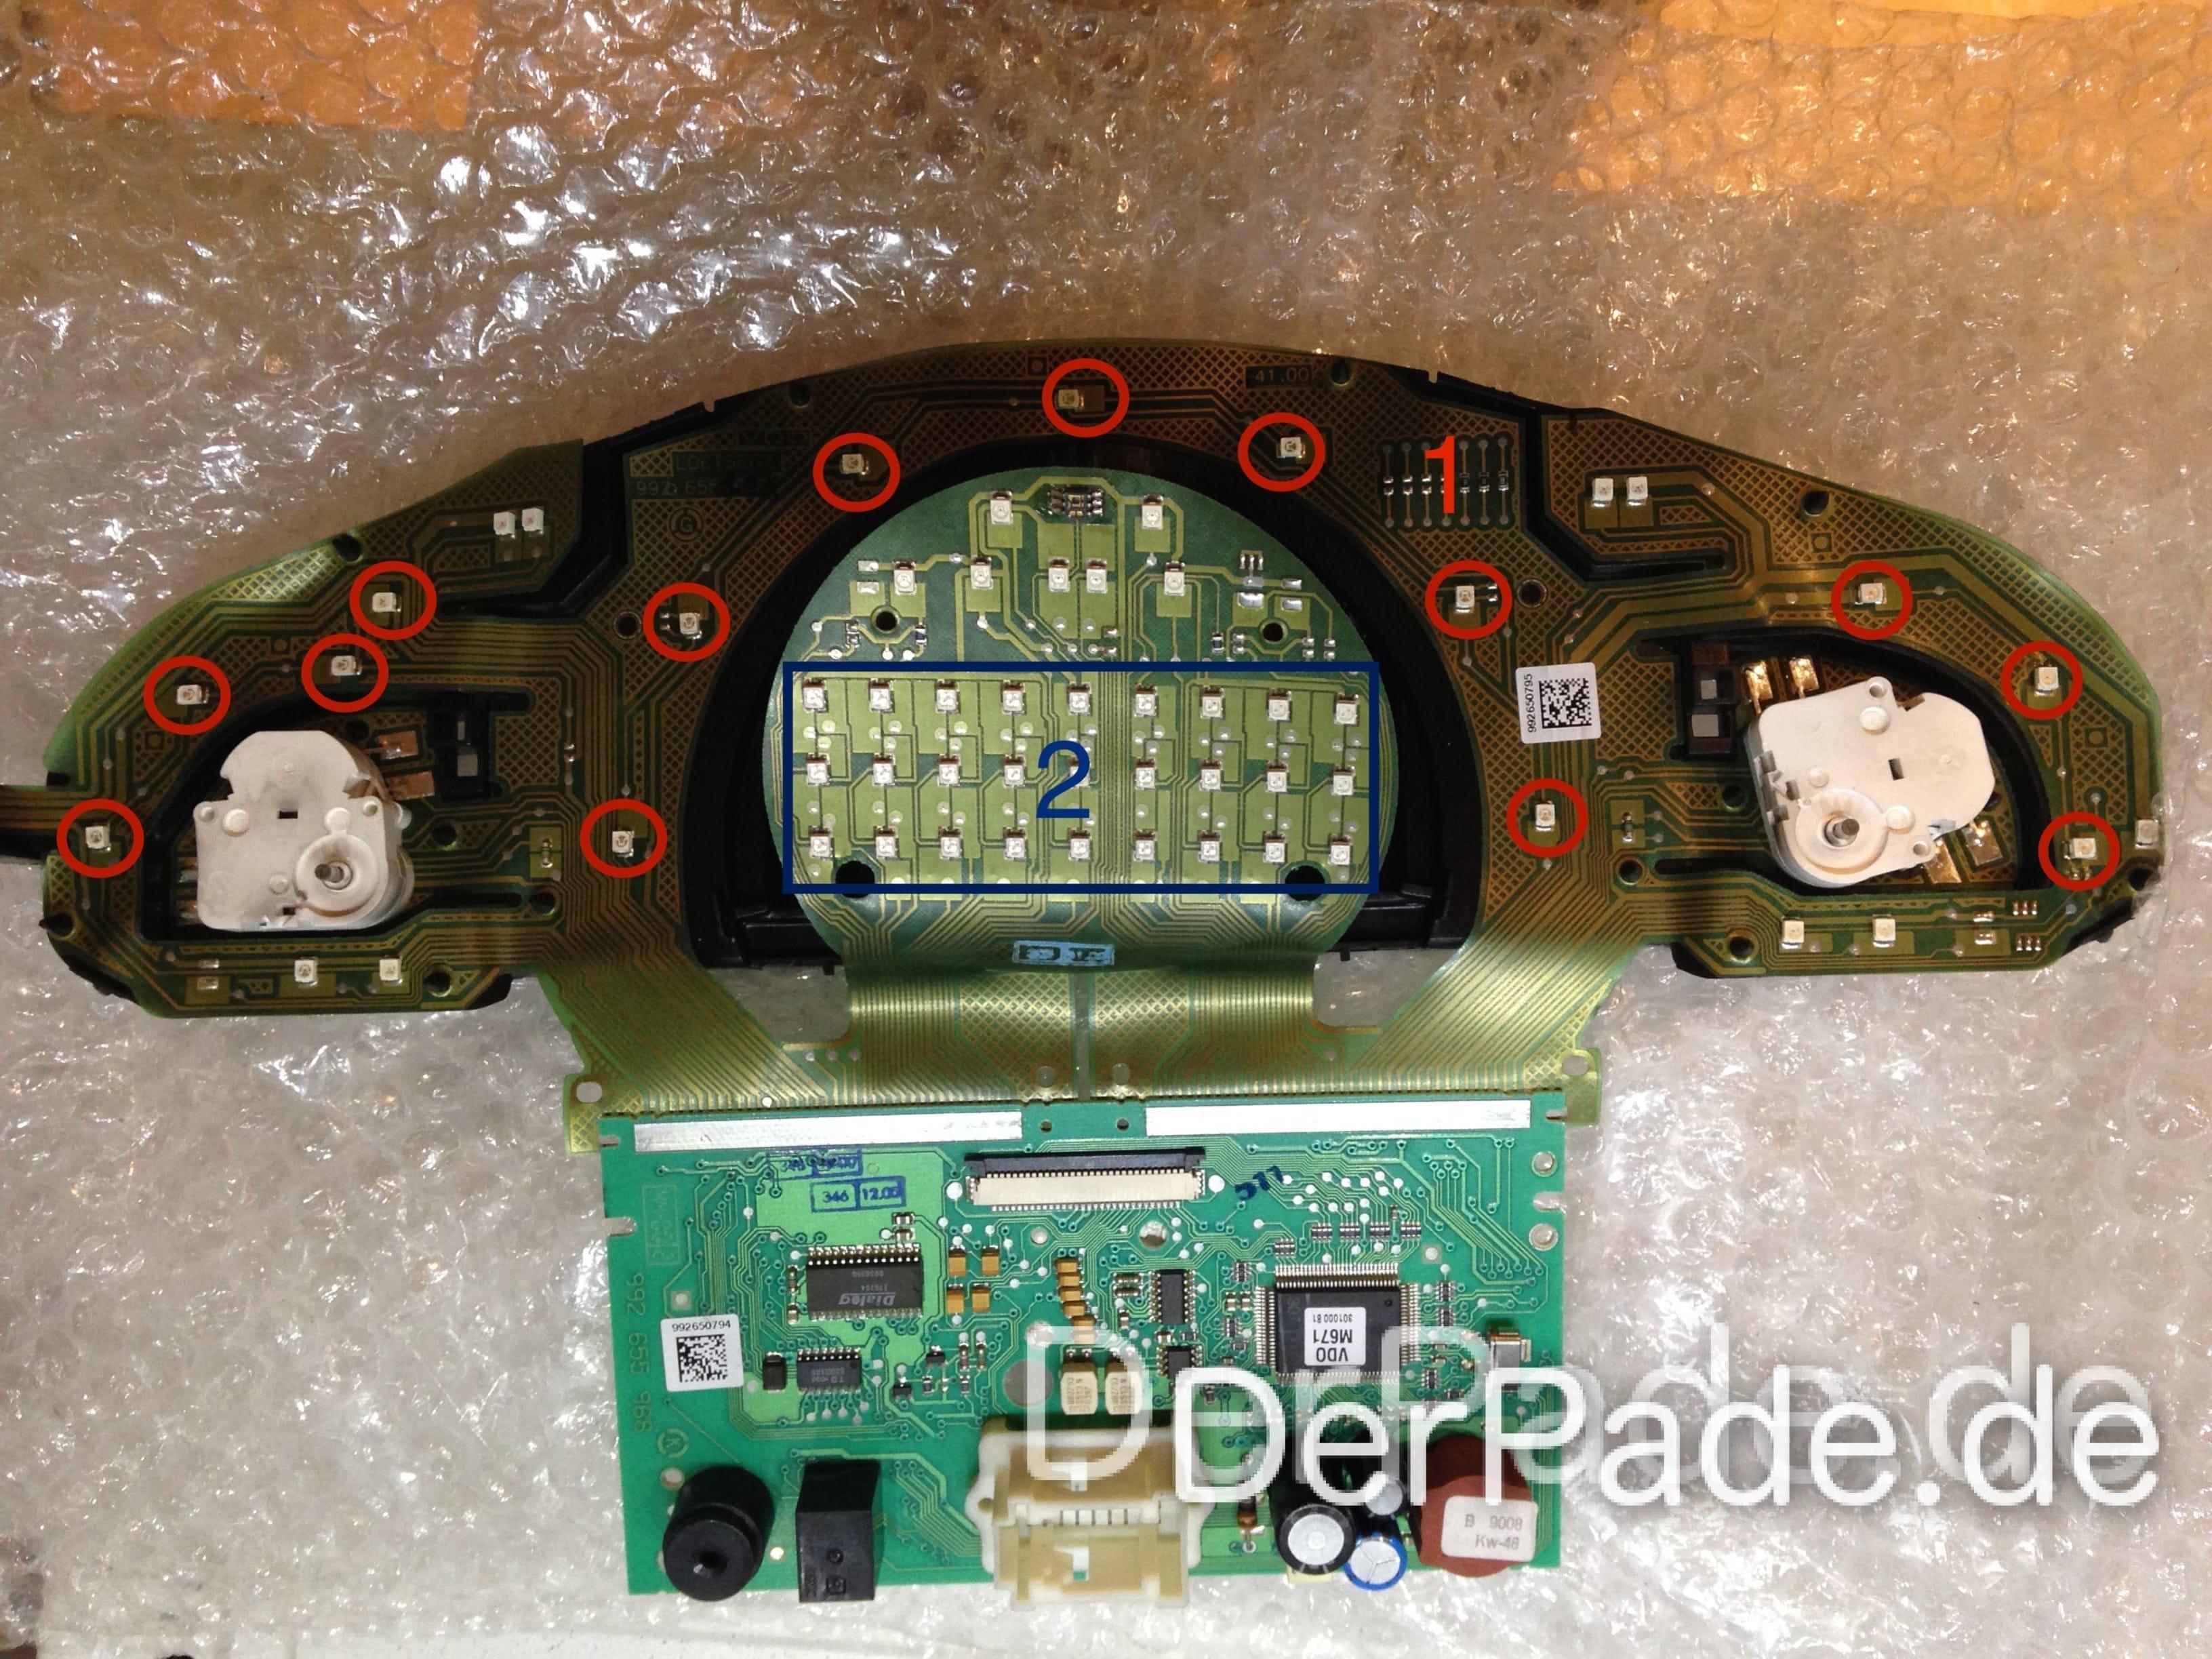 Anleitung: W203 Kombiinstrument/Tacho auf weiße LED Beleuchtung umbauen Teil 1 Der Pade image 2